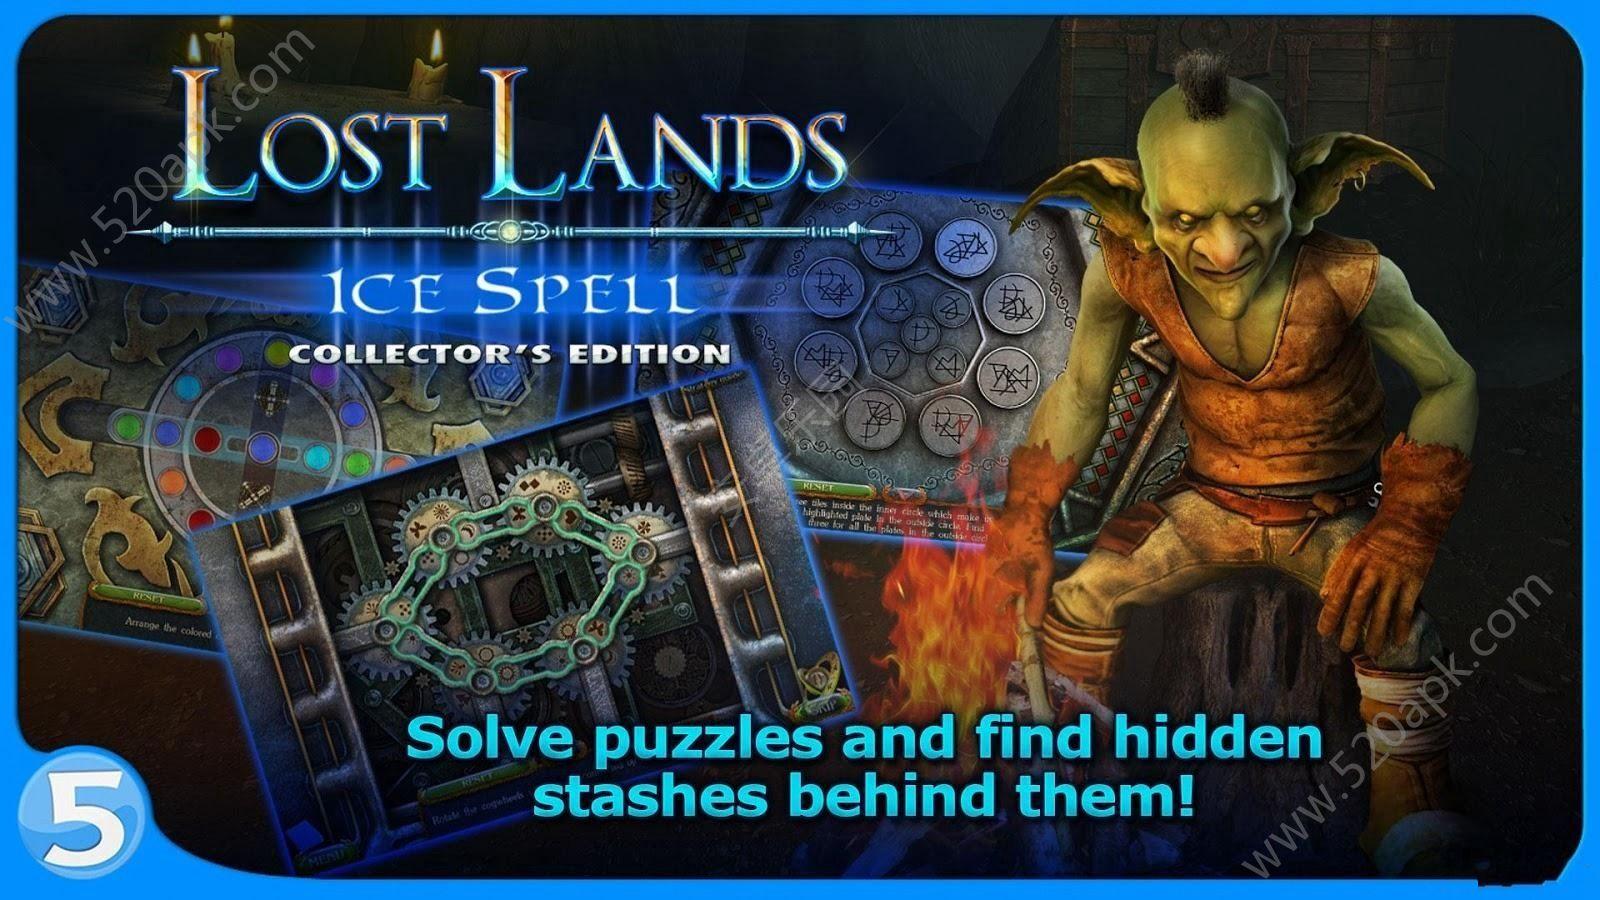 失落领地5必赢亚洲56.net必赢亚洲56.net手机版版下载(Lost Lands 5)图2: